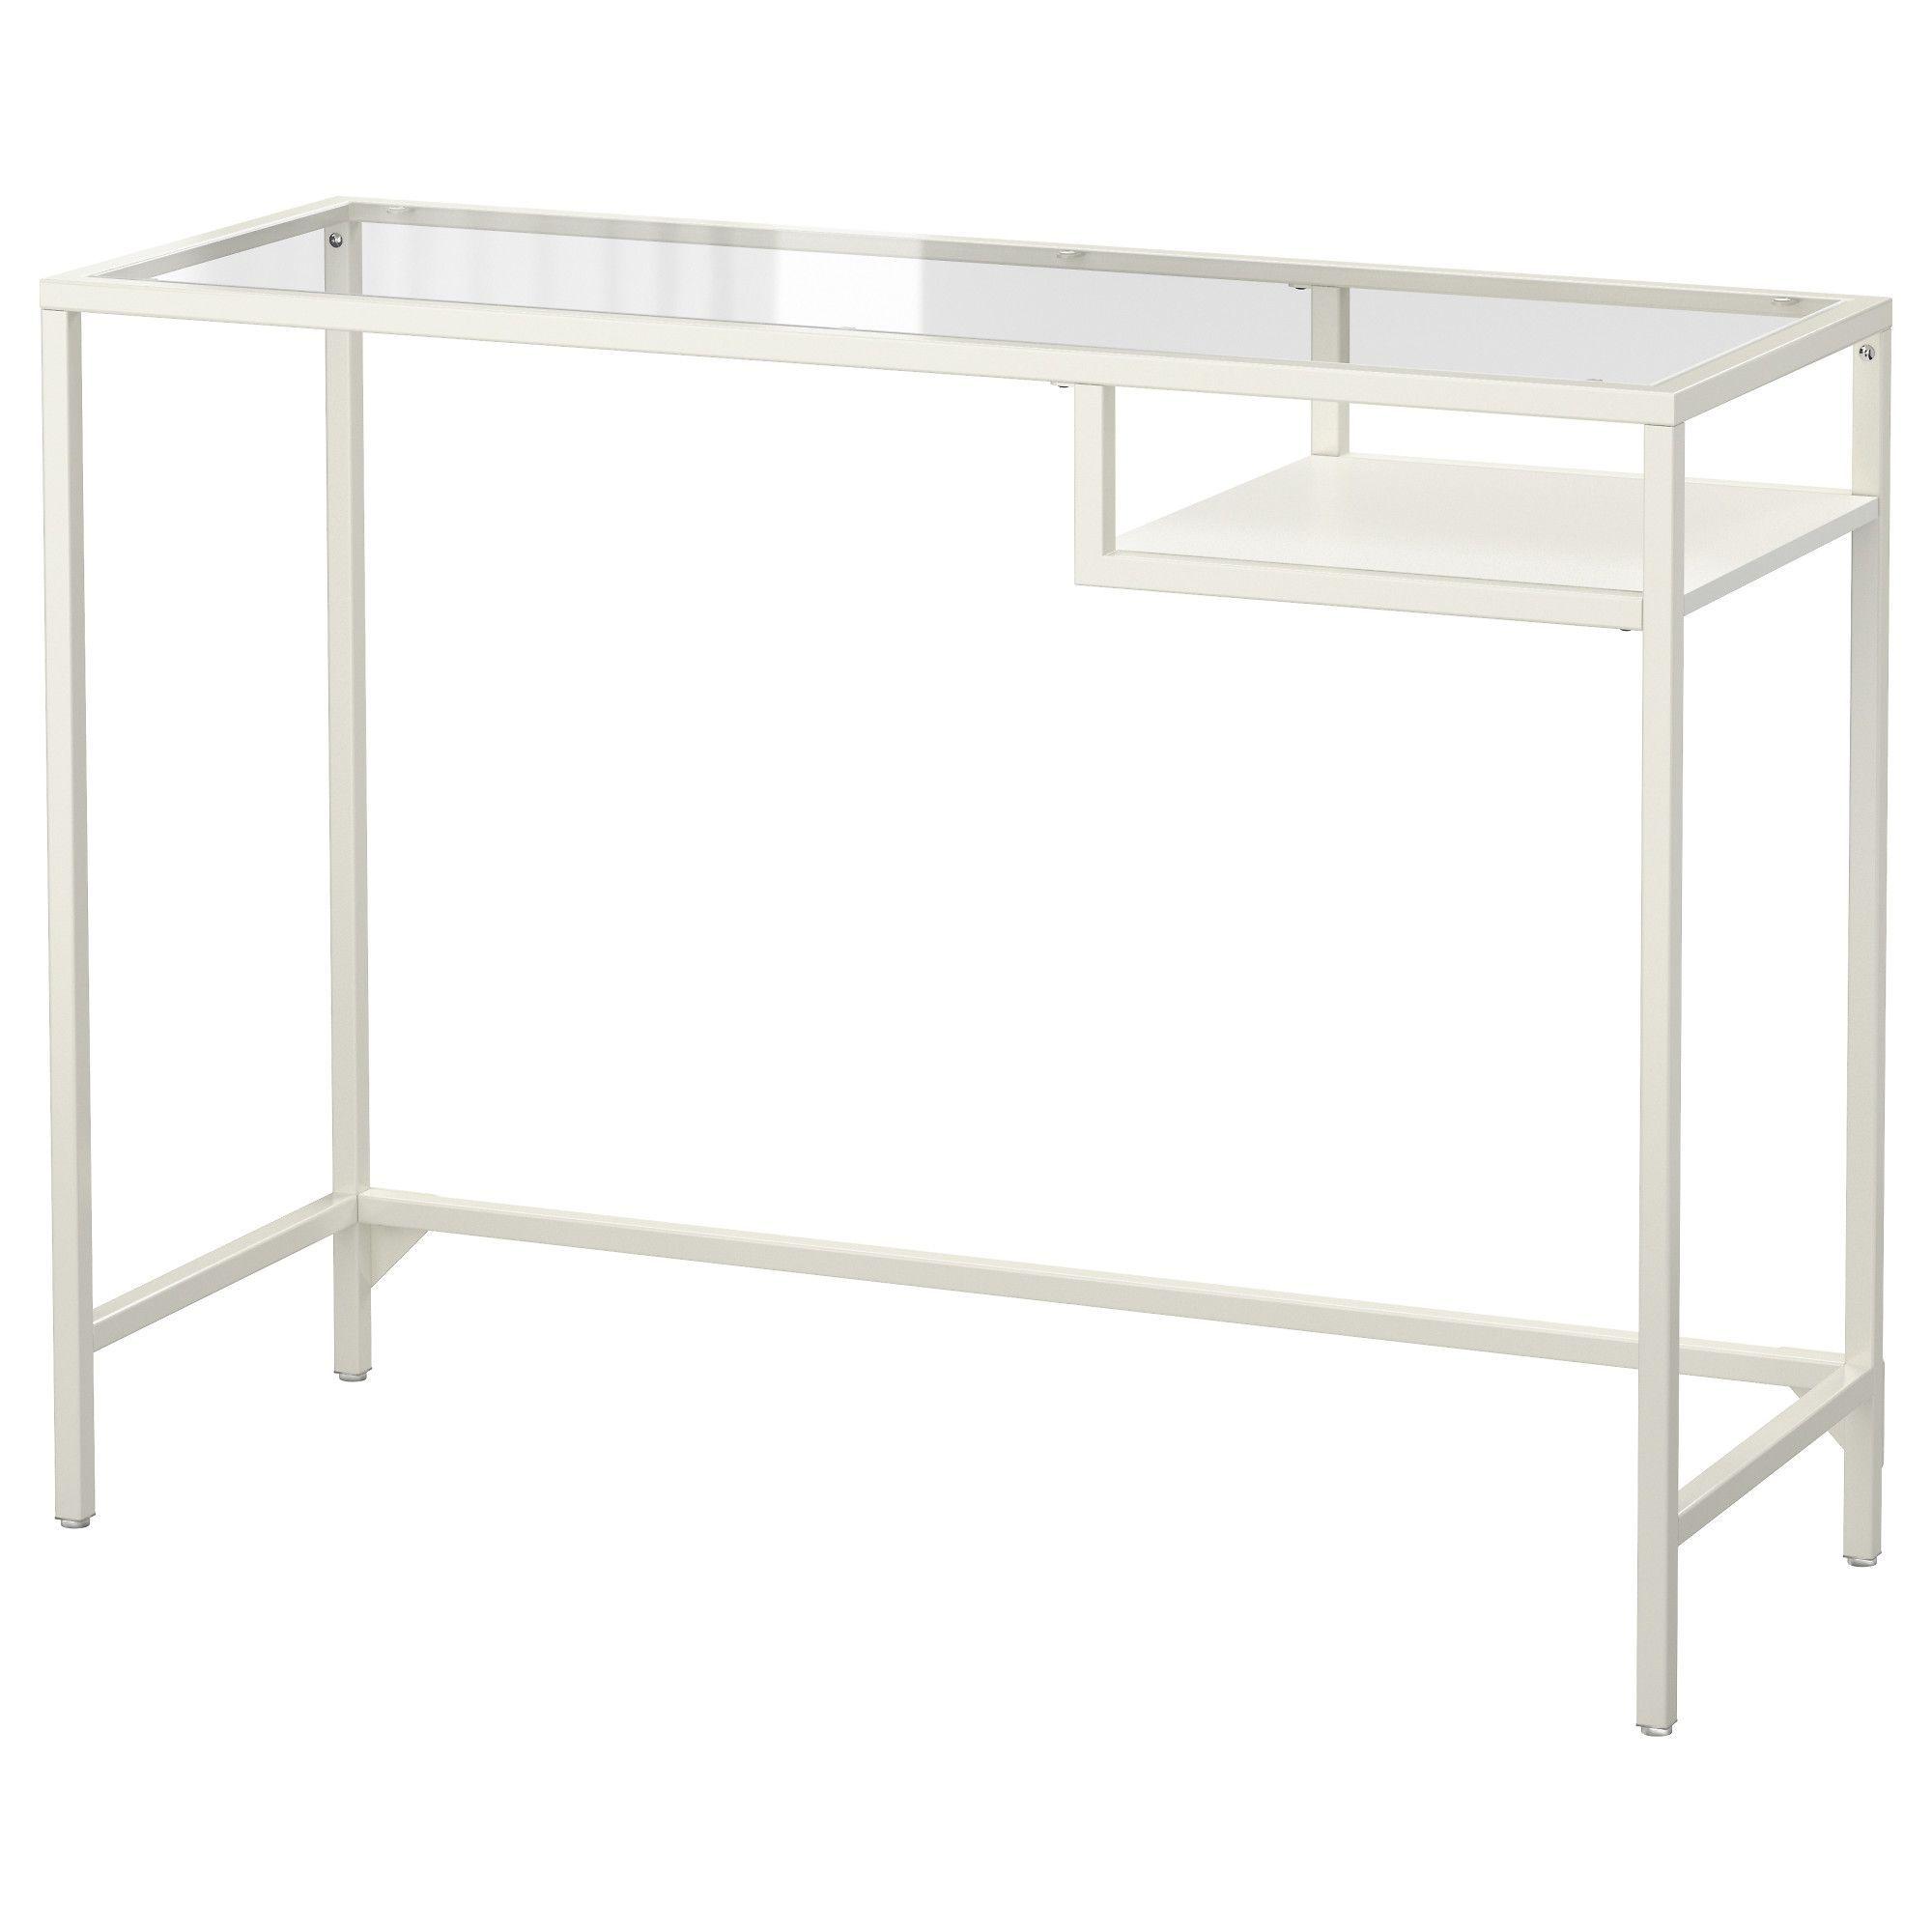 Vittsjo Laptopbord Ikea Ikea Laptop Table Ikea Glass Desk Ikea Vittsjo [ 2000 x 2000 Pixel ]